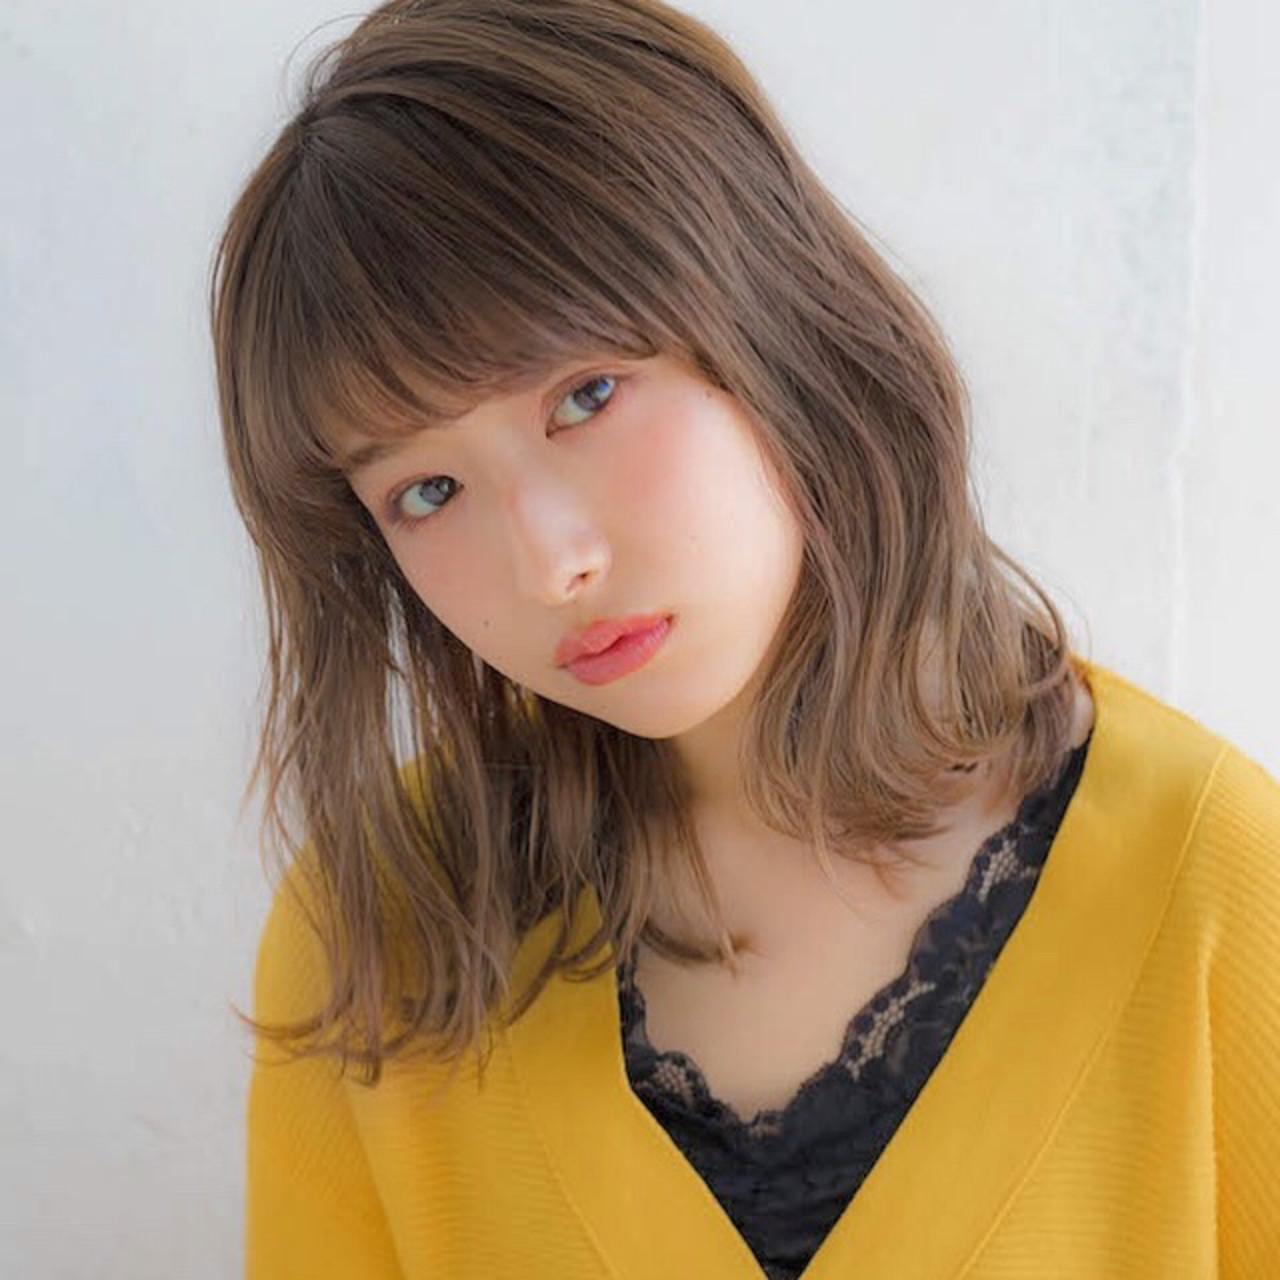 パーマ アンニュイほつれヘア ミディアム フェミニン ヘアスタイルや髪型の写真・画像